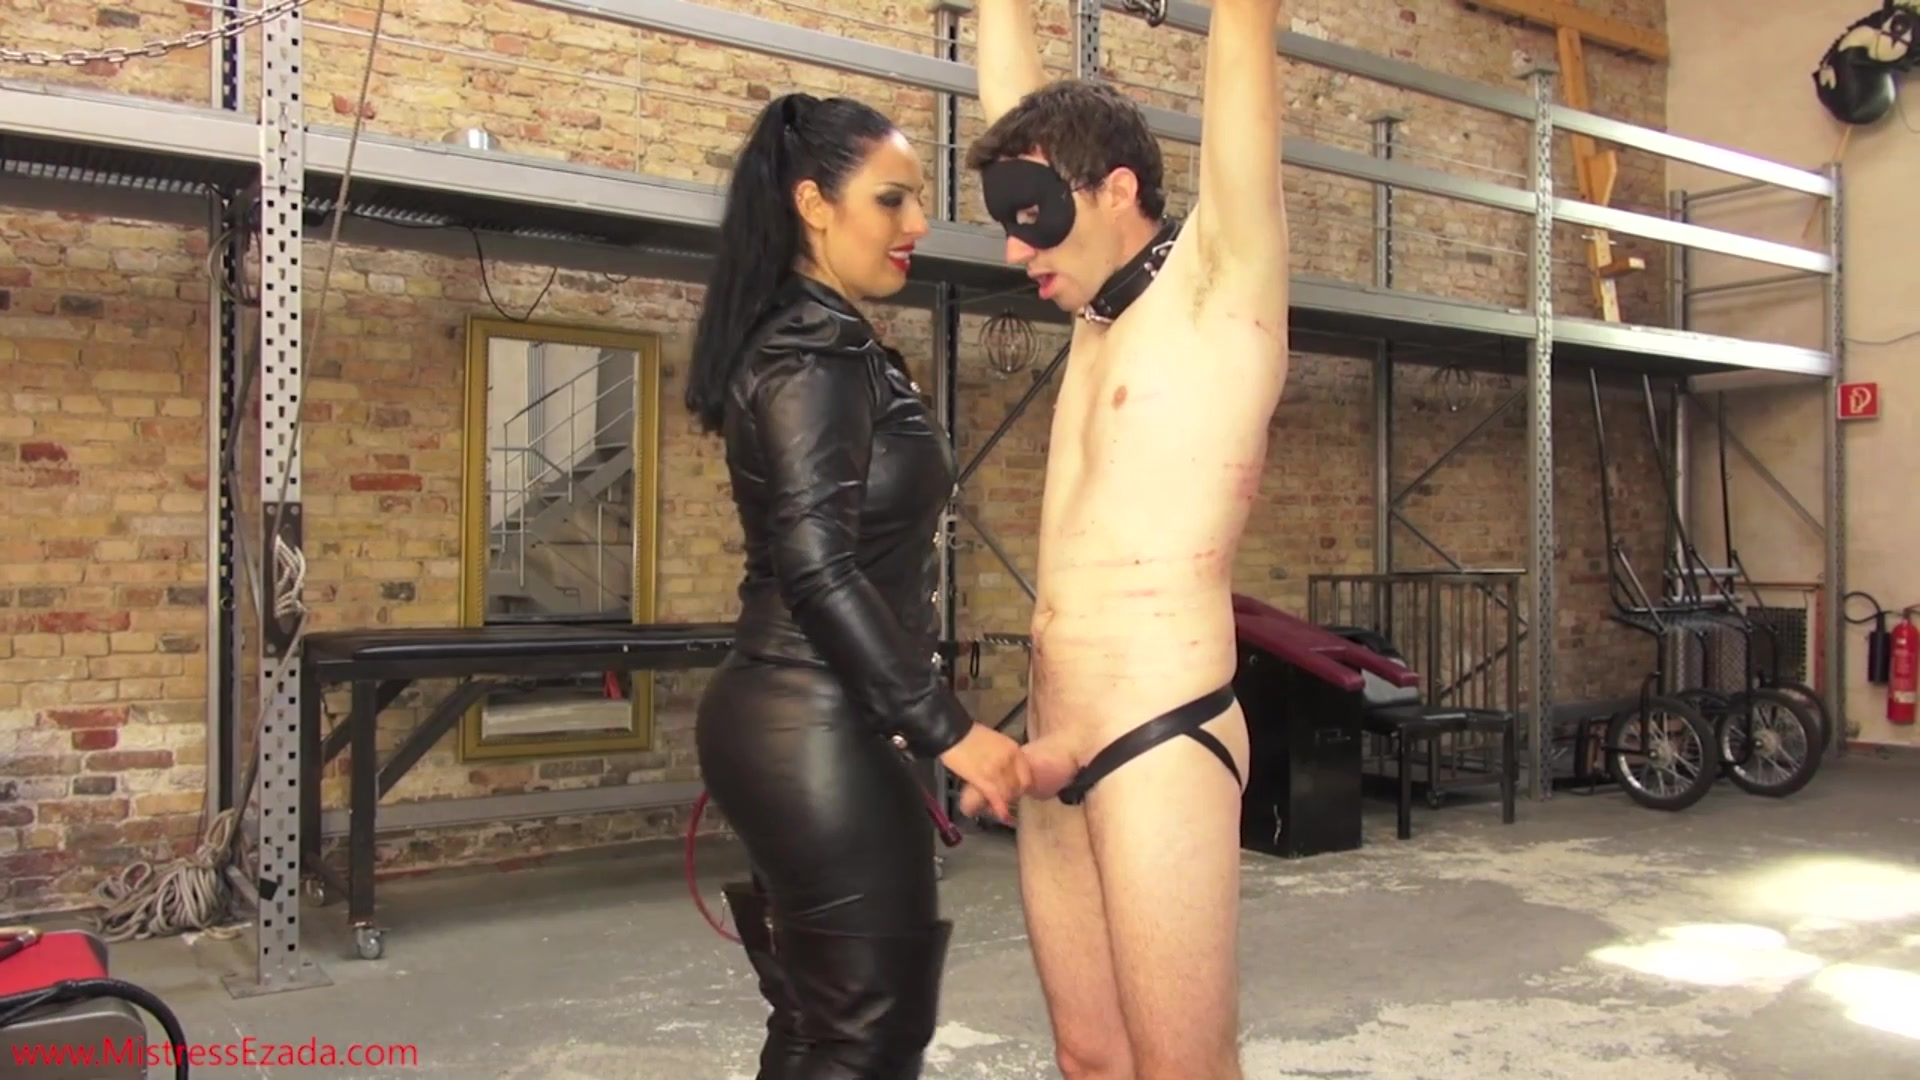 Femdom Slave Schlong Training - 29973 - Videos - Hcbdsmcom-2048